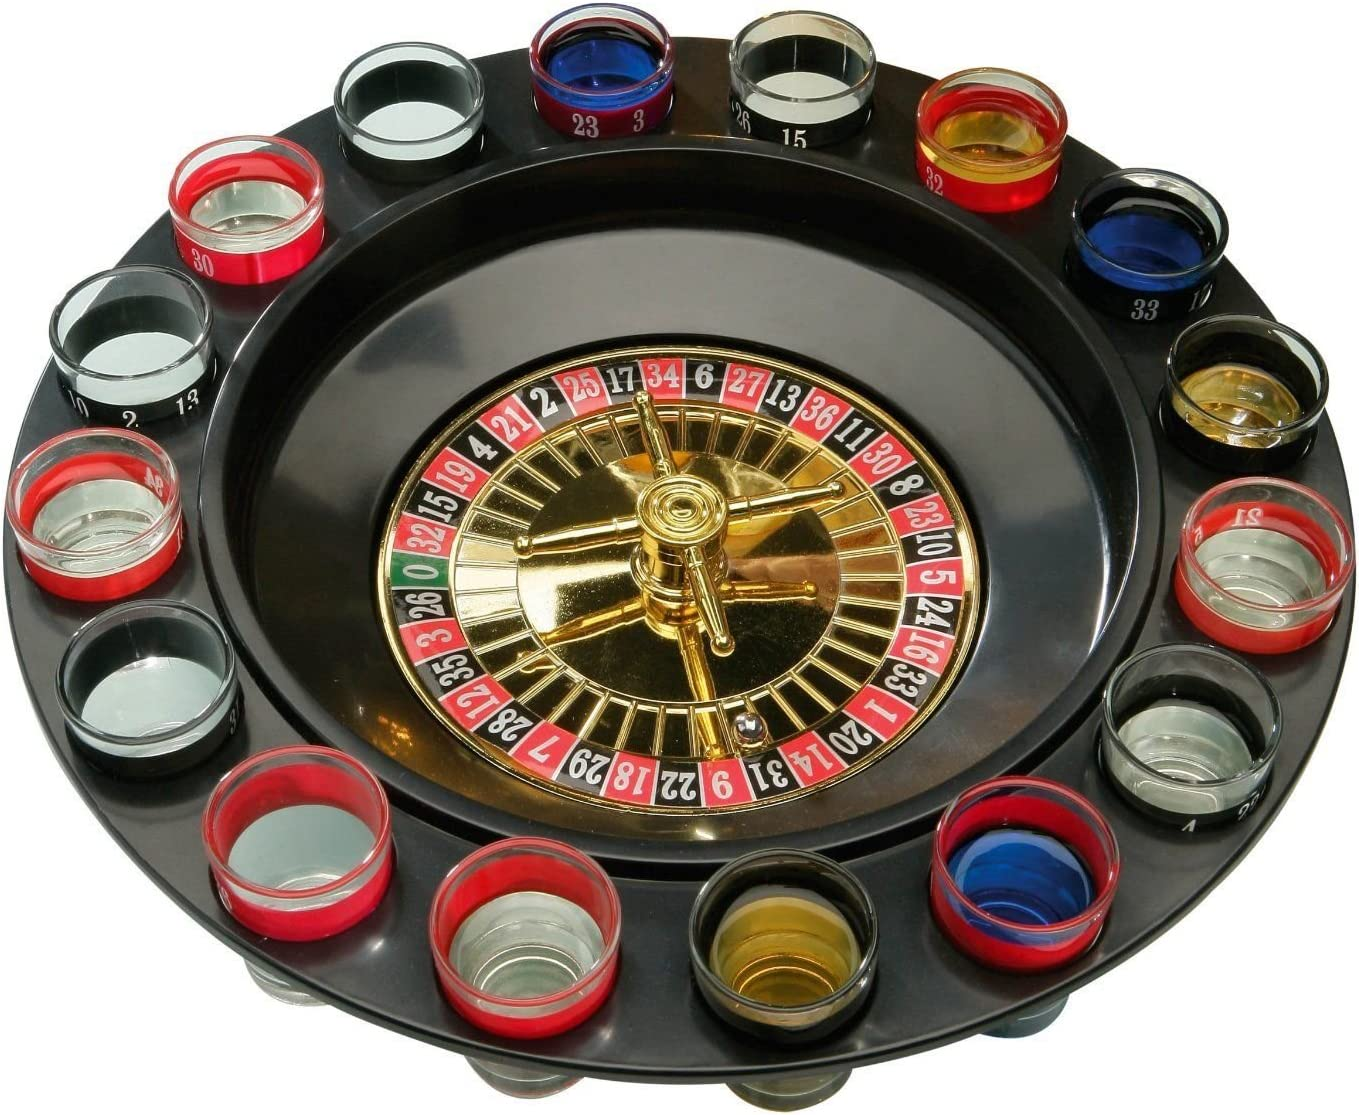 Ruleta de bebidas. Incluye 16 vasos chupito de cristal. Juego para despedida de solteros HTUK®.: Amazon.es: Juguetes y juegos